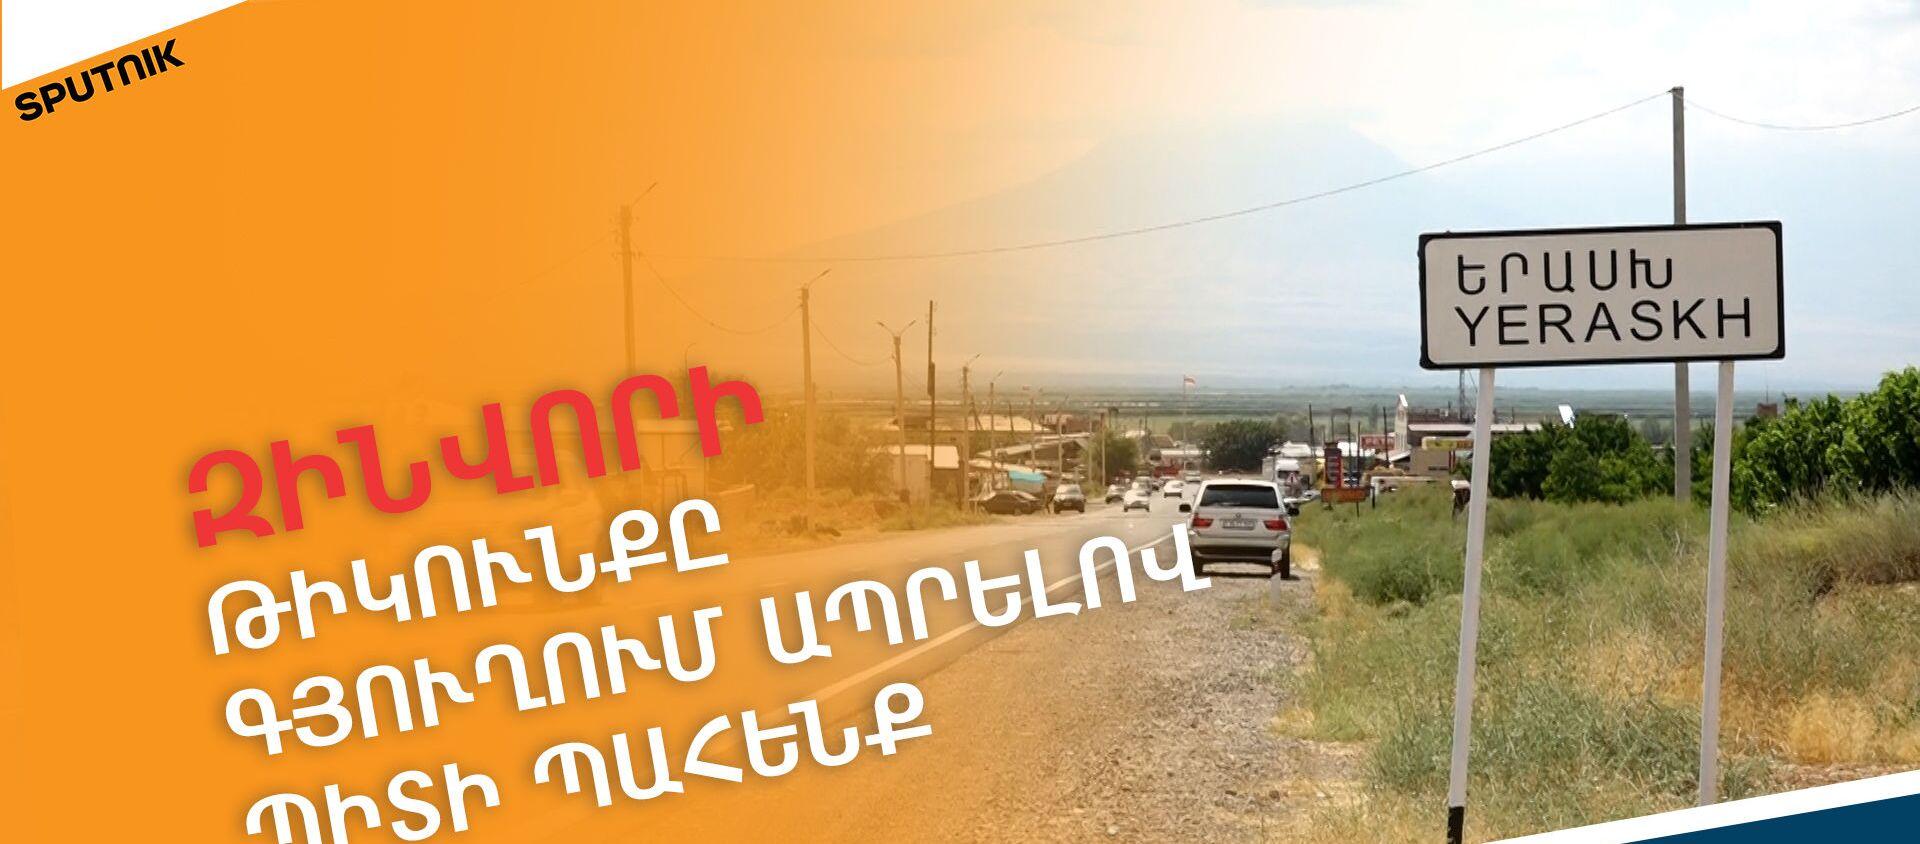 Ինչի՞ց վախենանք. թող իրենք մեզնից վախենան. Երասխում ադրբեջանական կրակոցները նորություն չեն - Sputnik Արմենիա, 1920, 31.07.2021